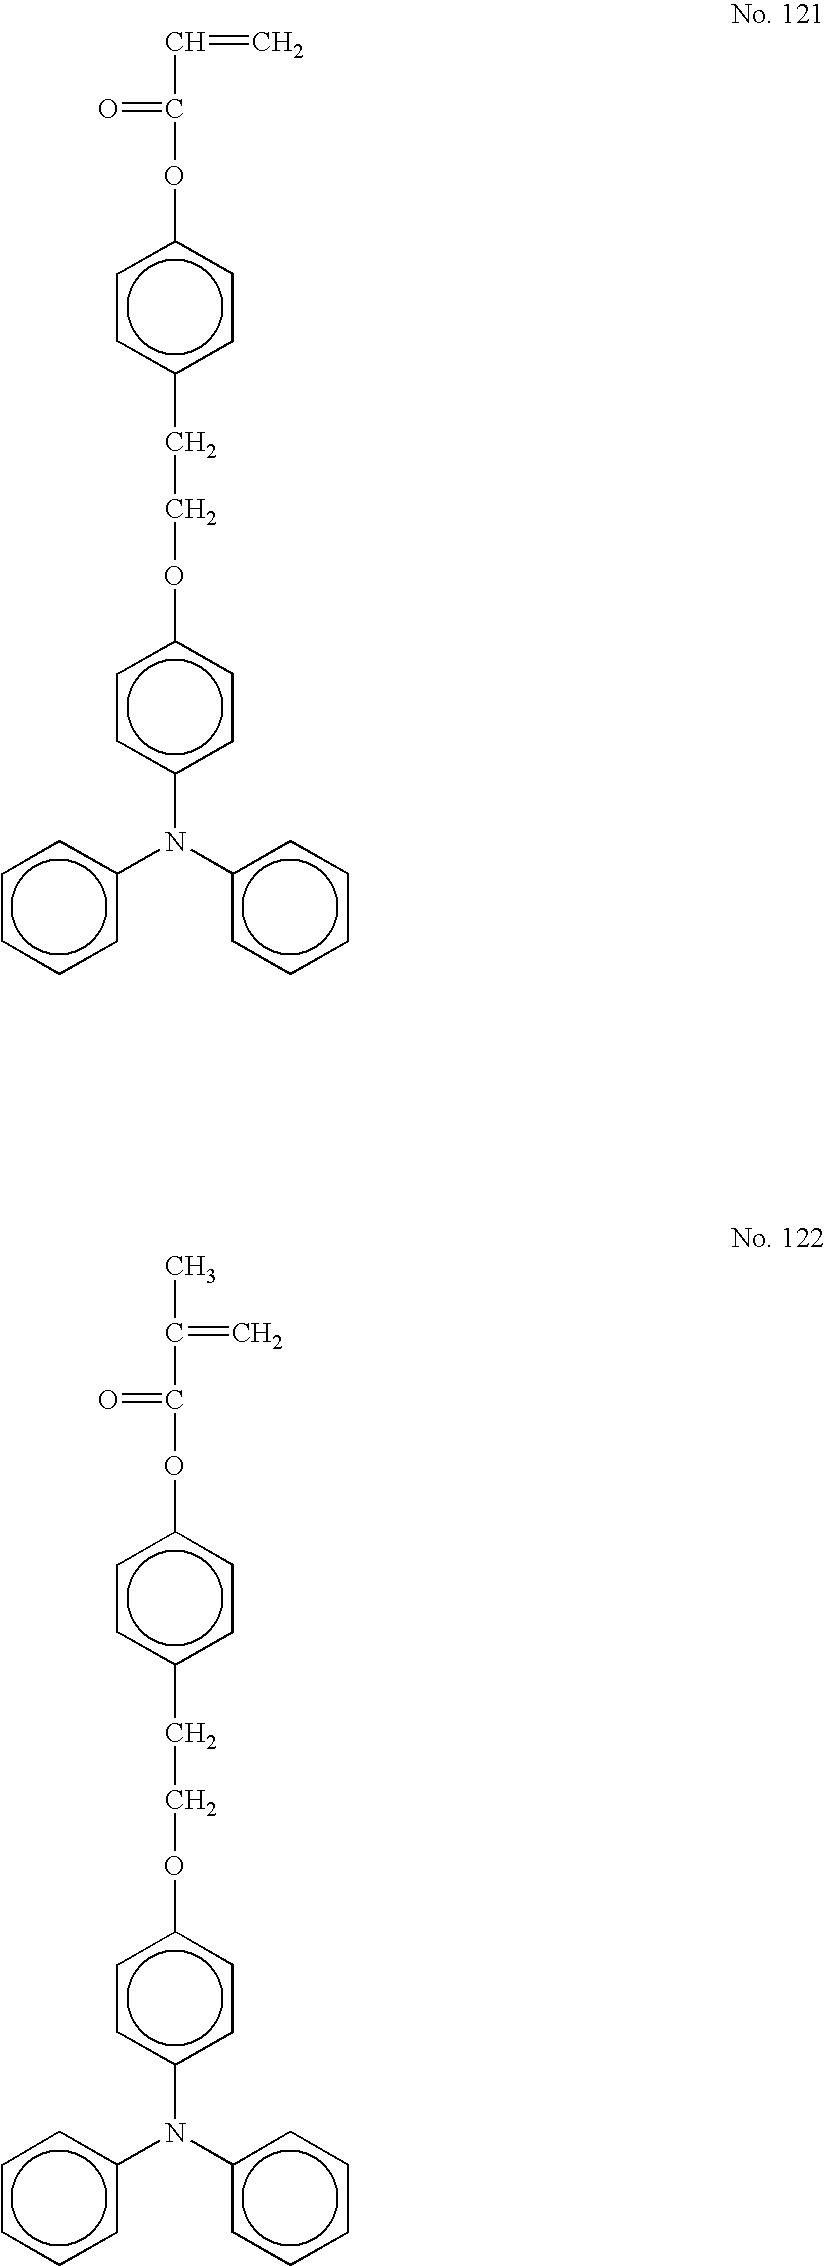 Figure US20060177749A1-20060810-C00060